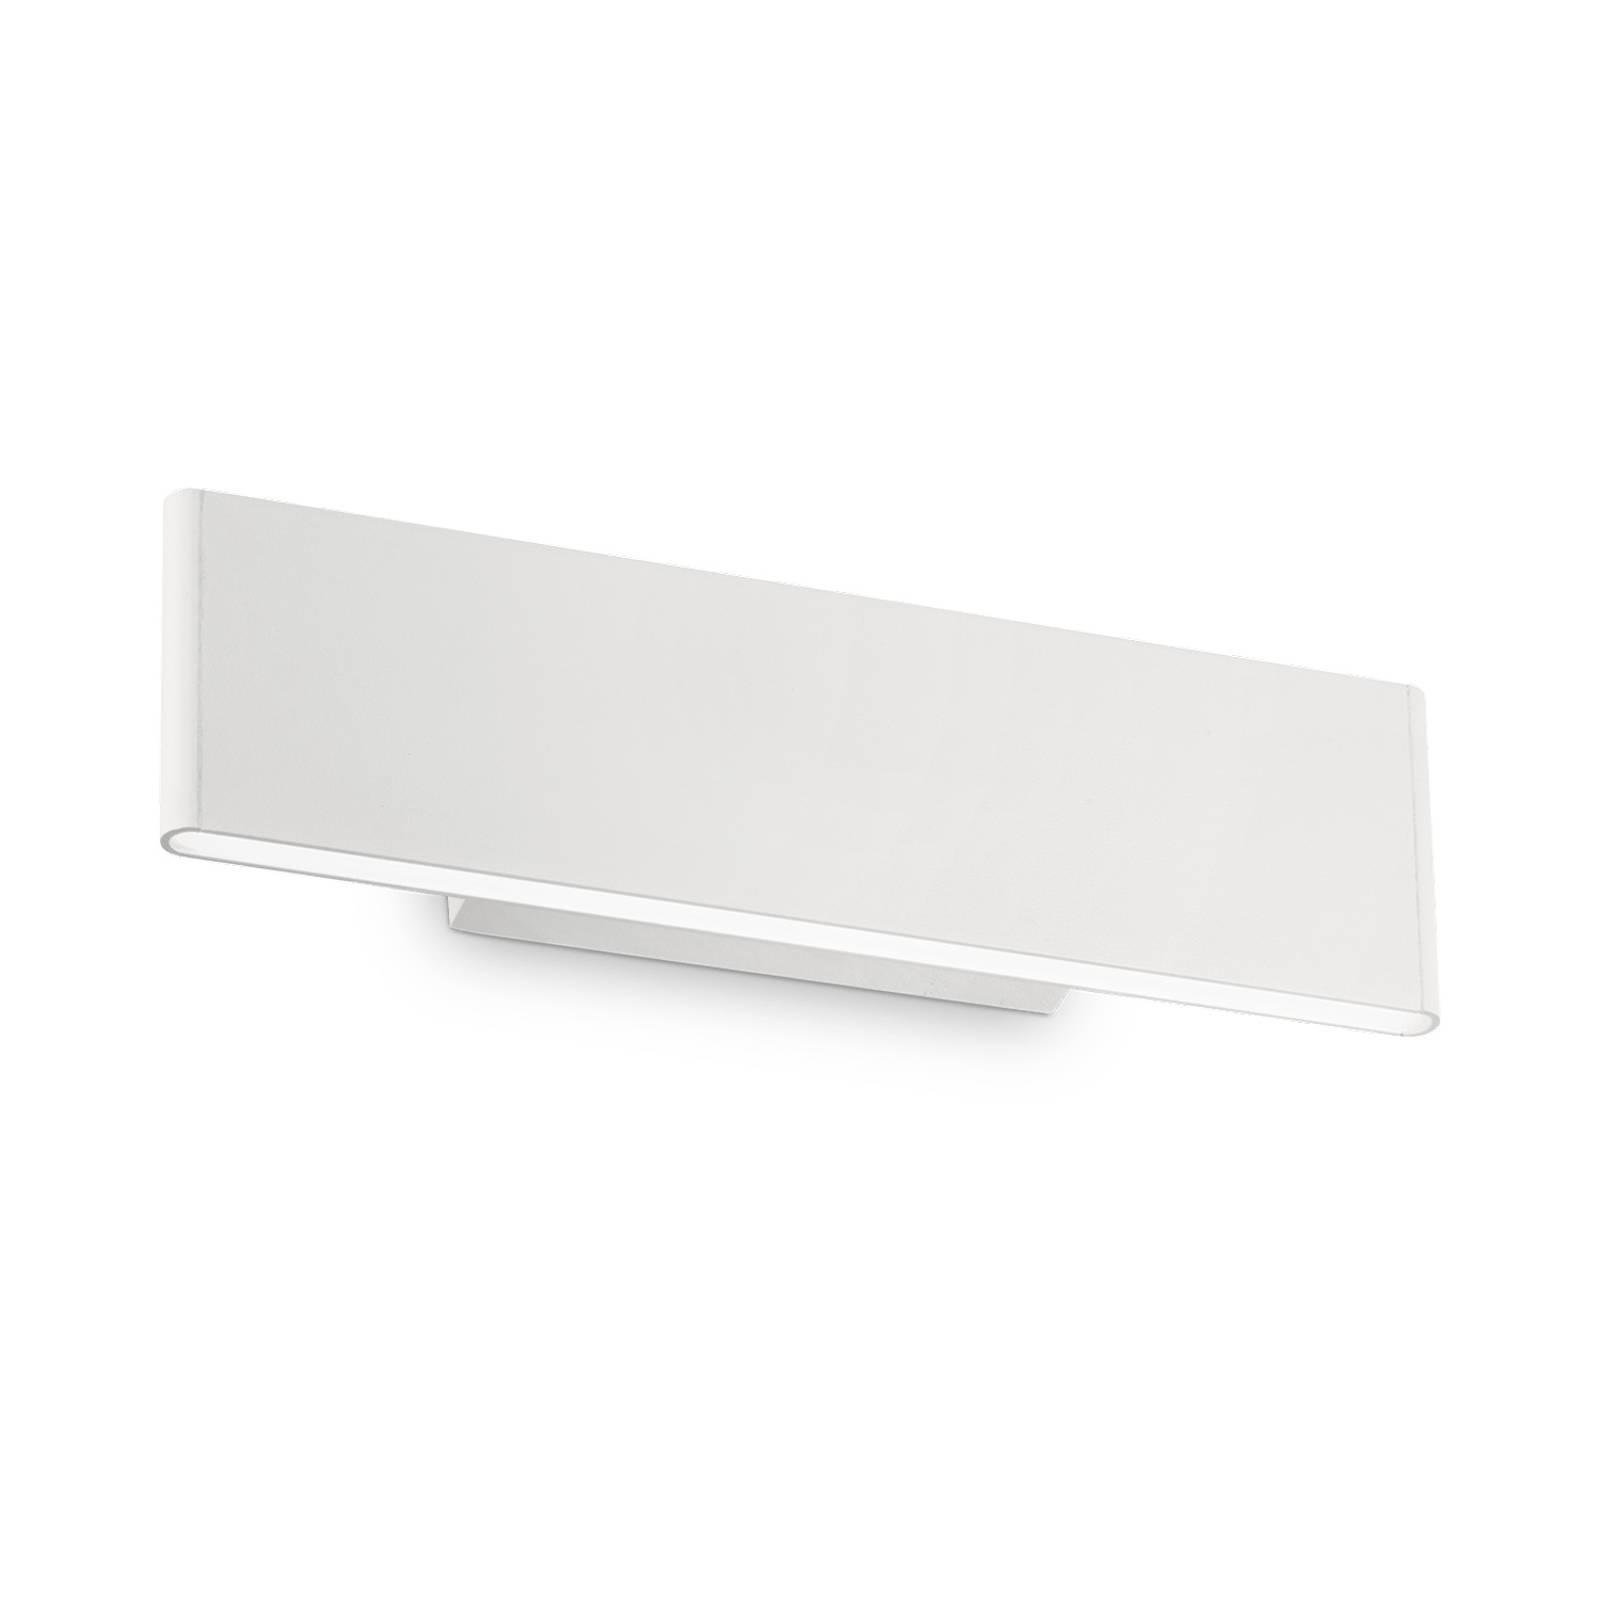 LED-Wandleuchte Desk weiß, Licht oben / unten günstig online kaufen